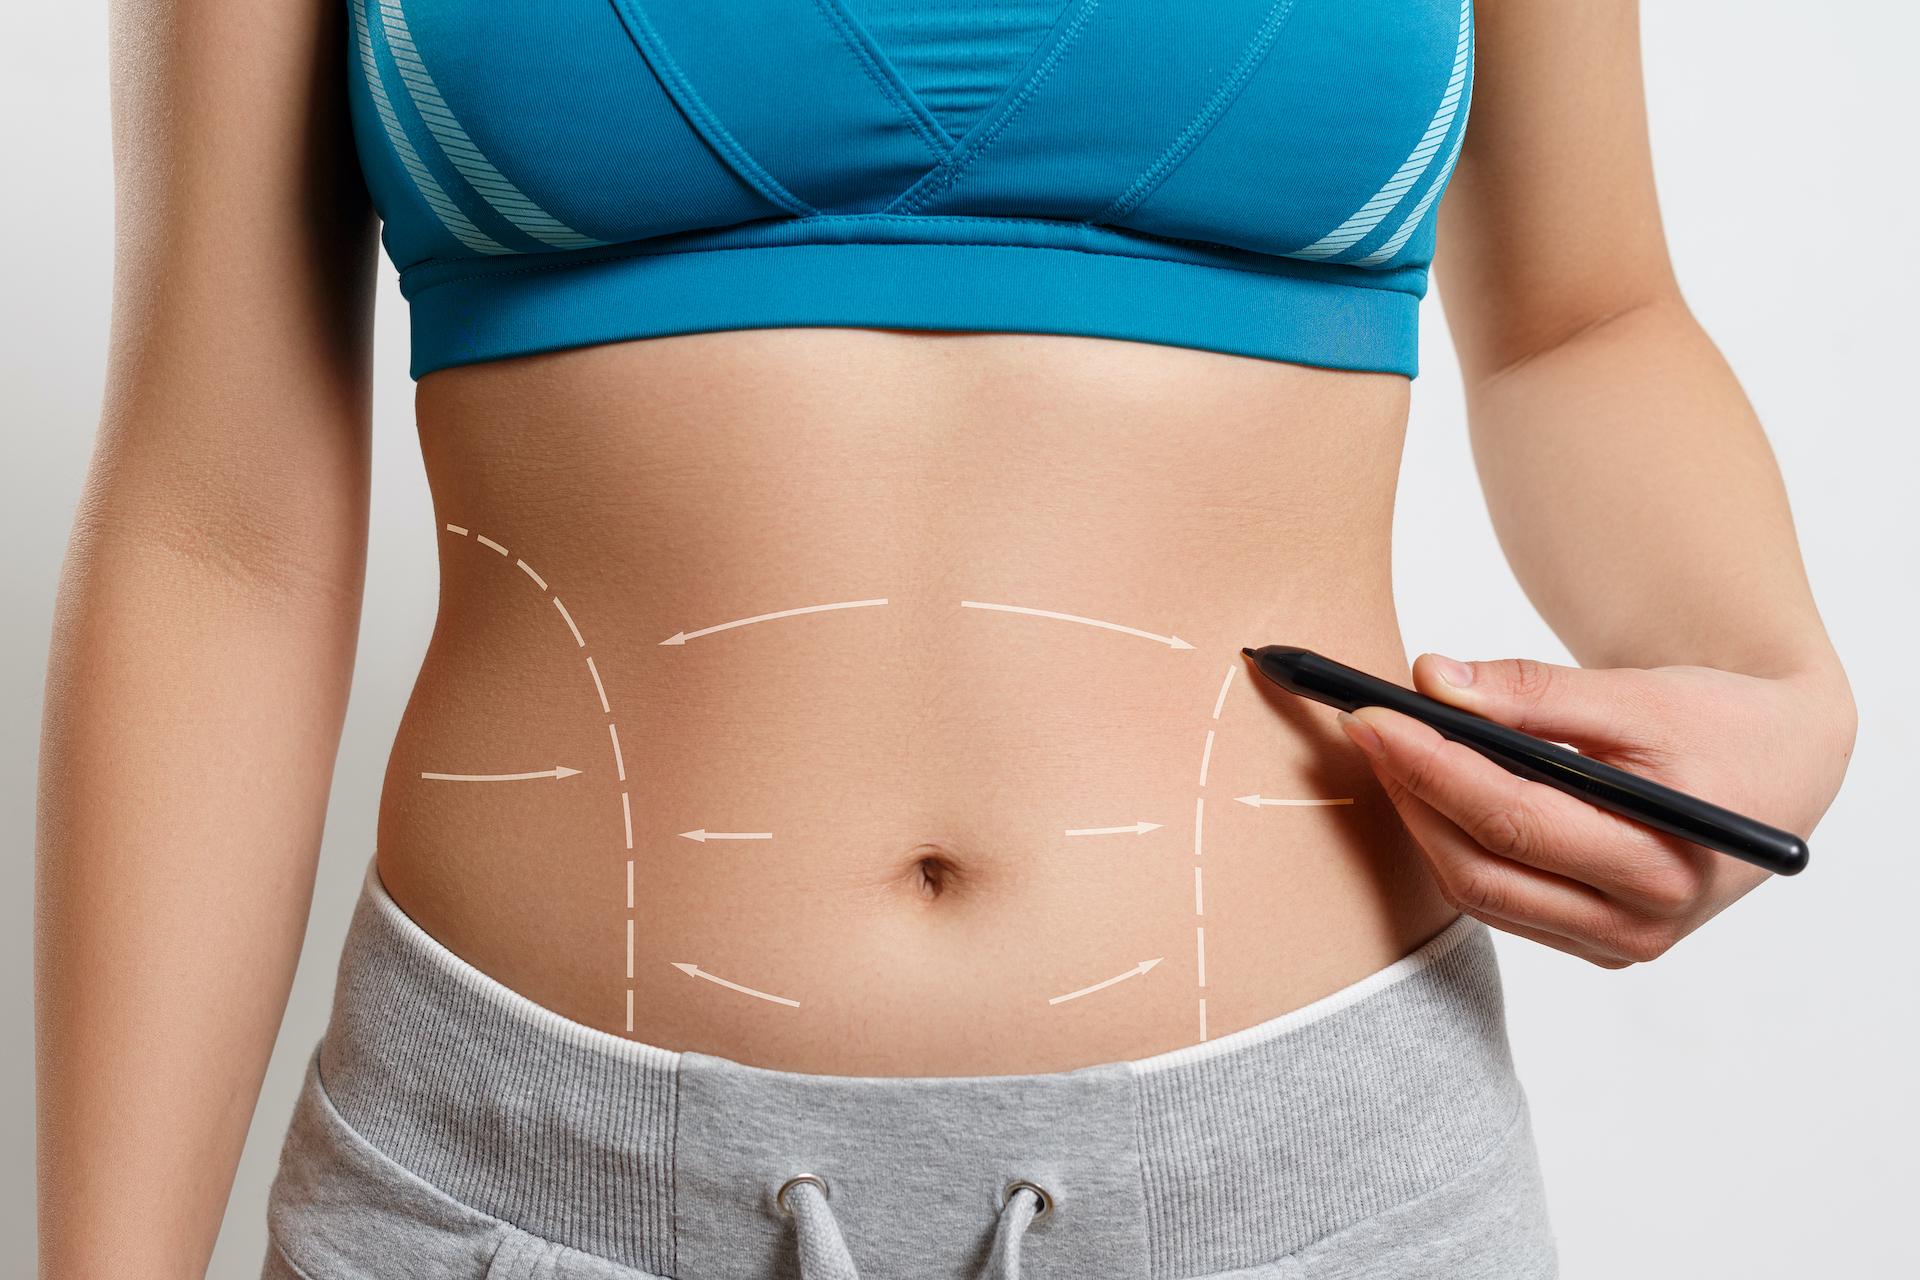 ما بعد عملية شفط الدهون